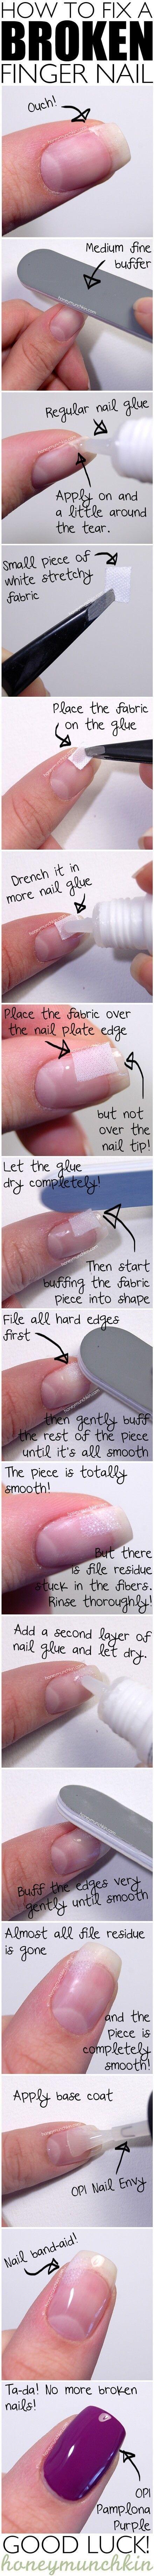 Perfektioniere deine Schönheitsroutine mit diesen 10 schlauen Beauty Tipps - Nagel reparieren: